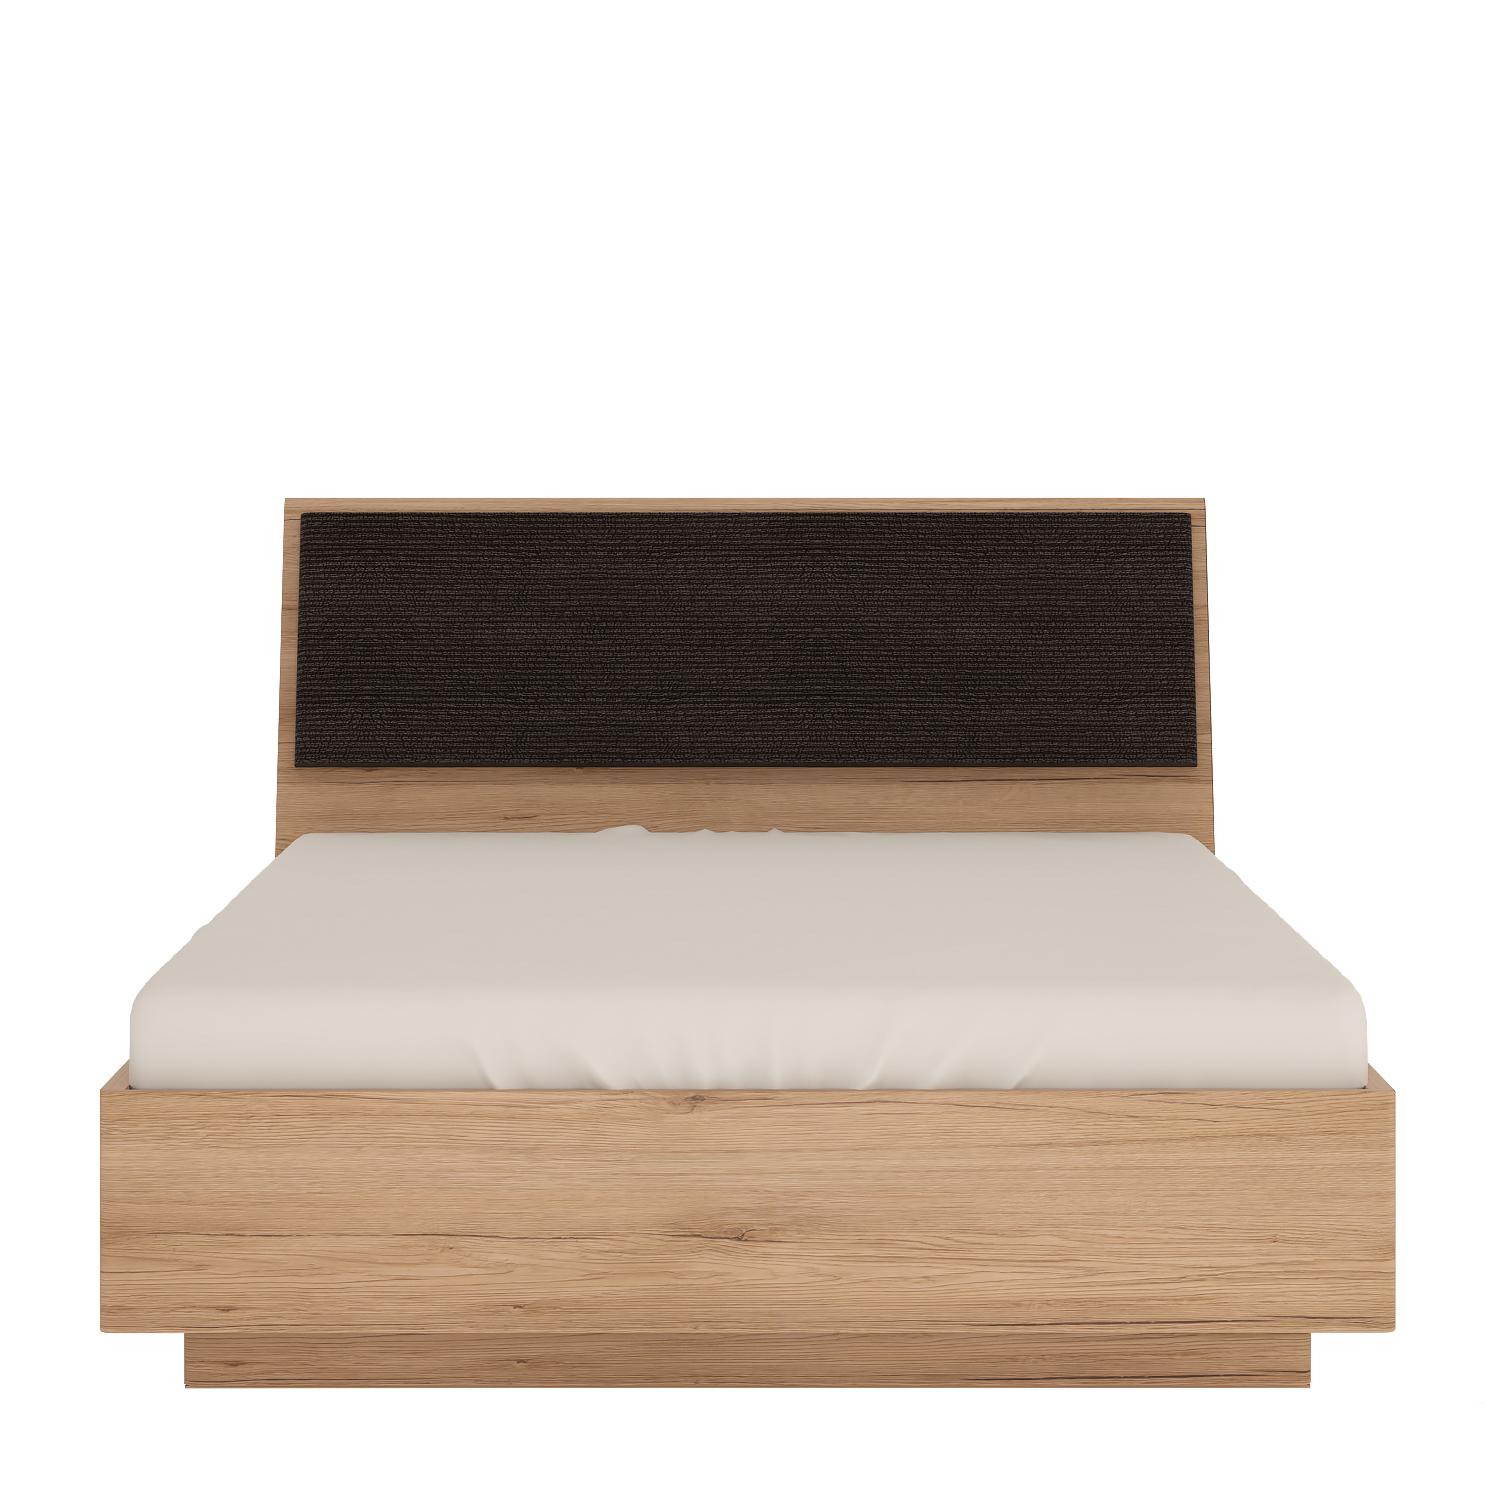 łóżko 160x200cm Summer Agata Meble Wójcik 7318439684